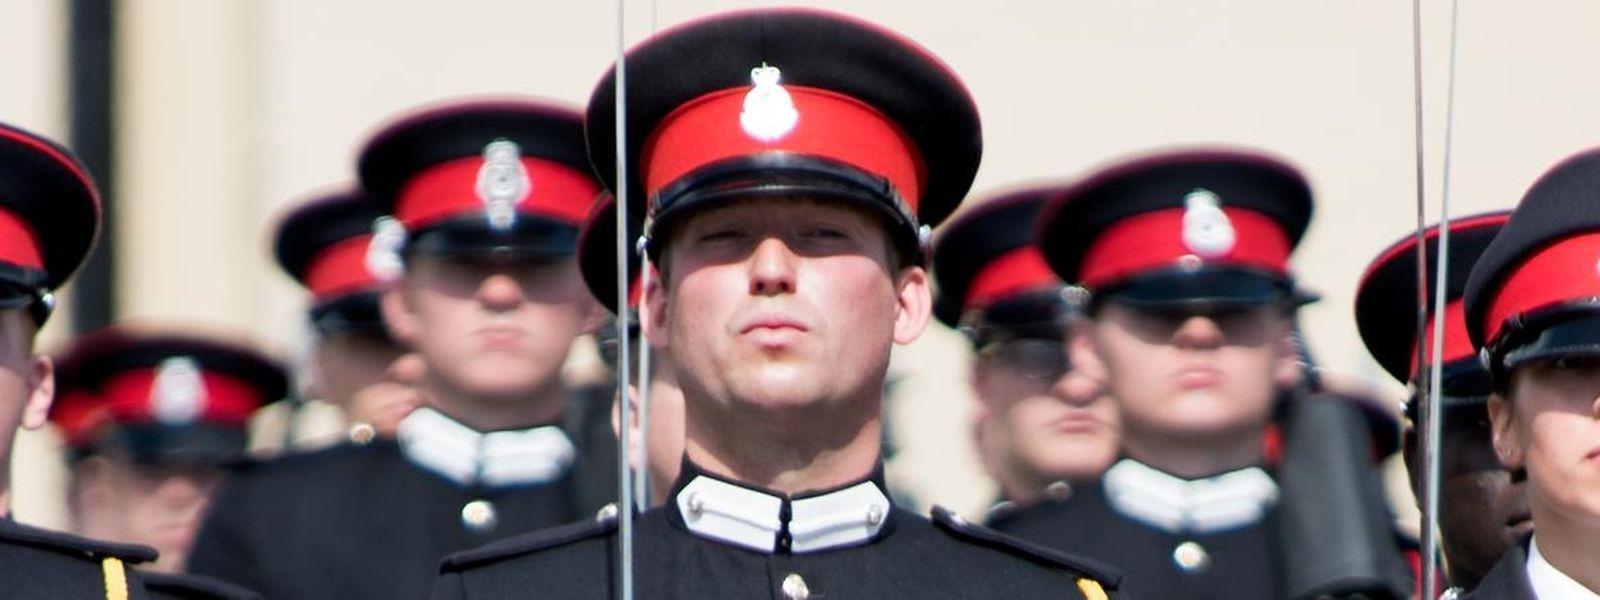 Prinz Sébastien - hier zu sehen in Sandhurst.